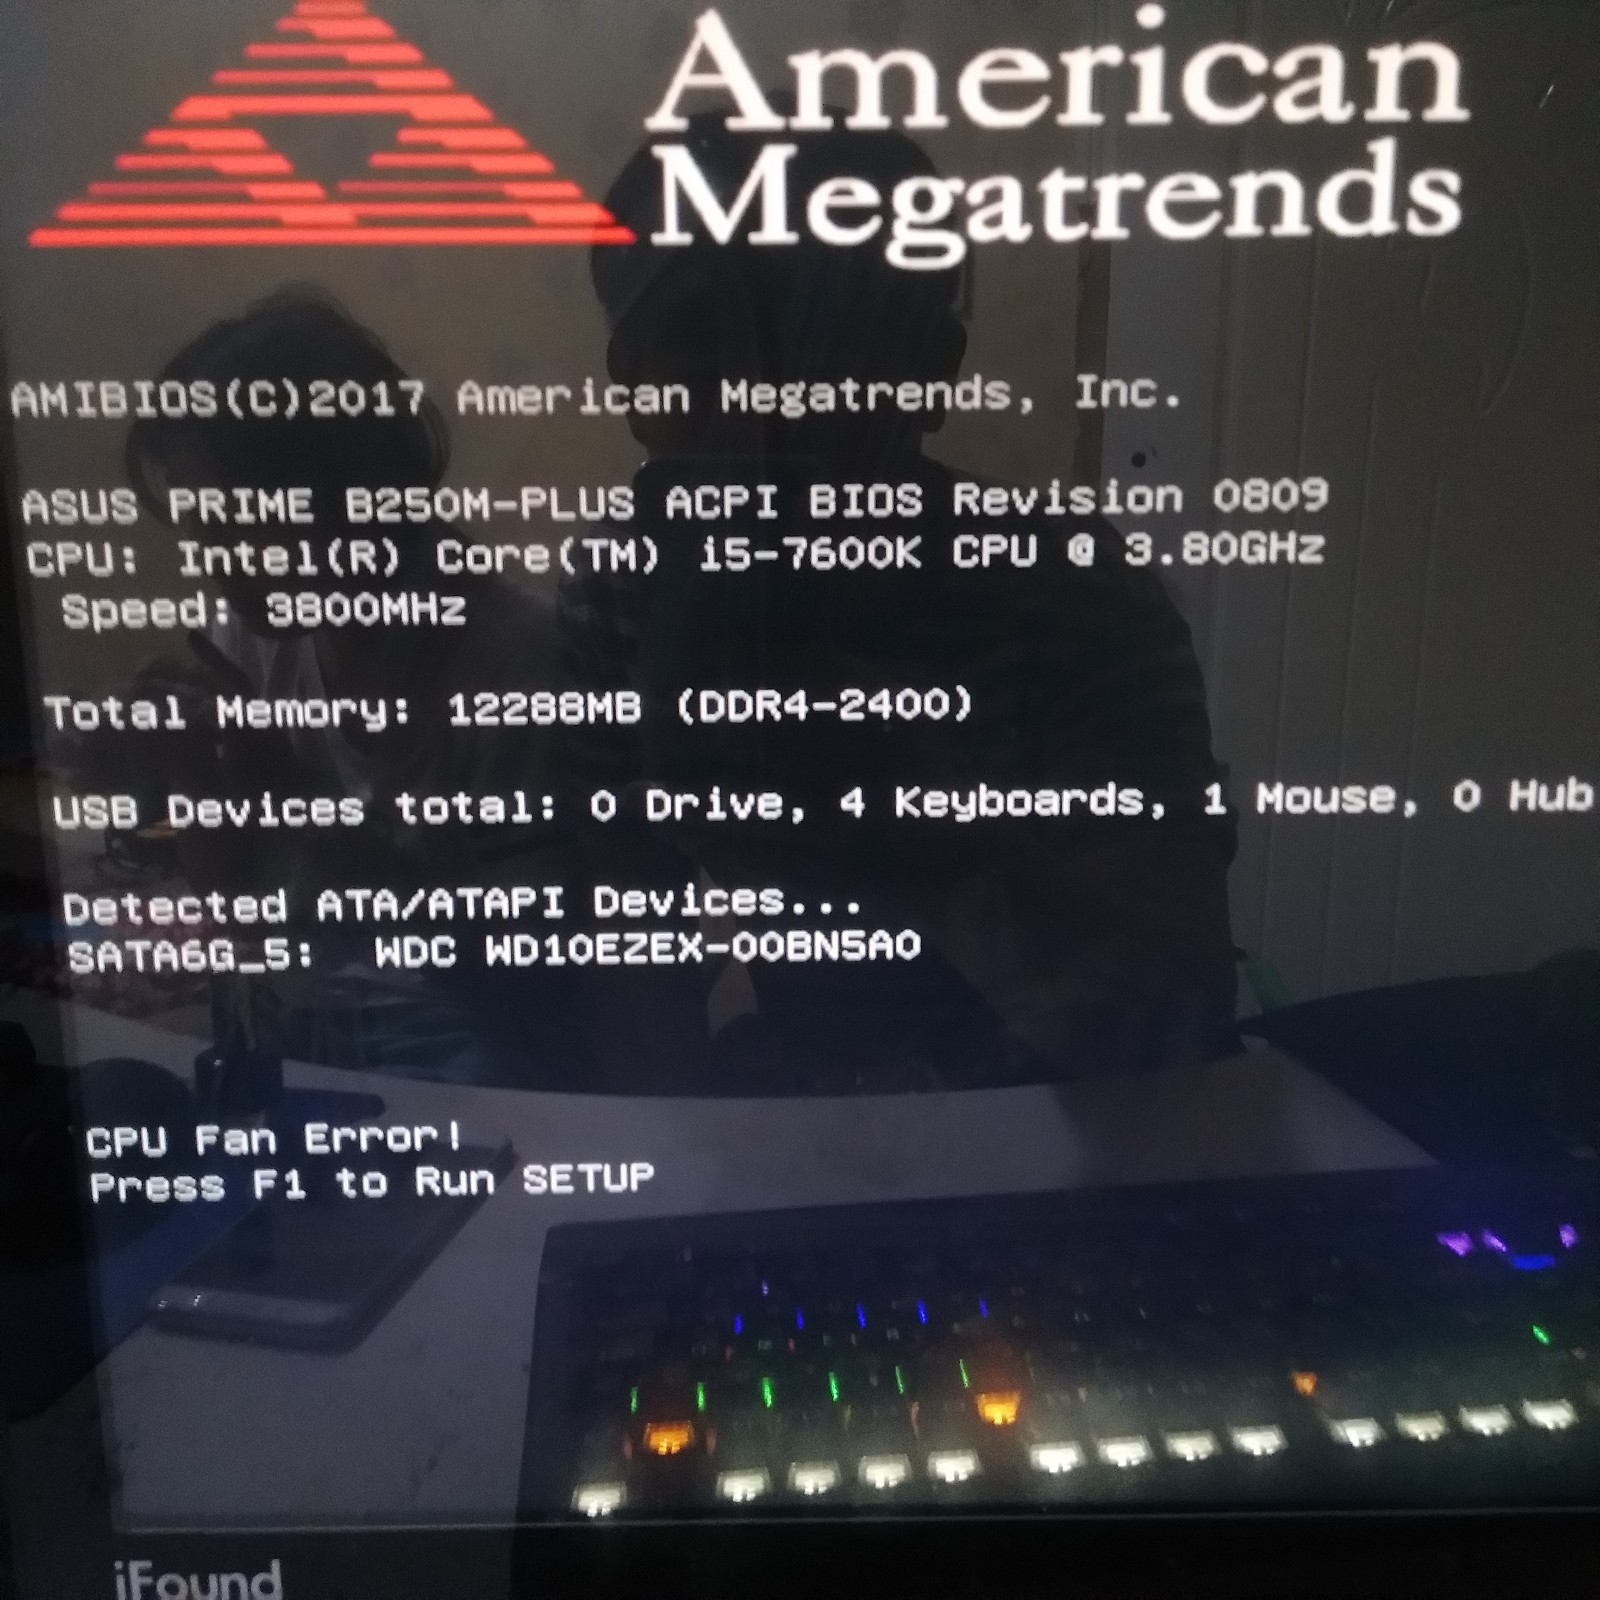 华硕主板开机必须进BIOS设置然后在退出来才可以开机进入系统_